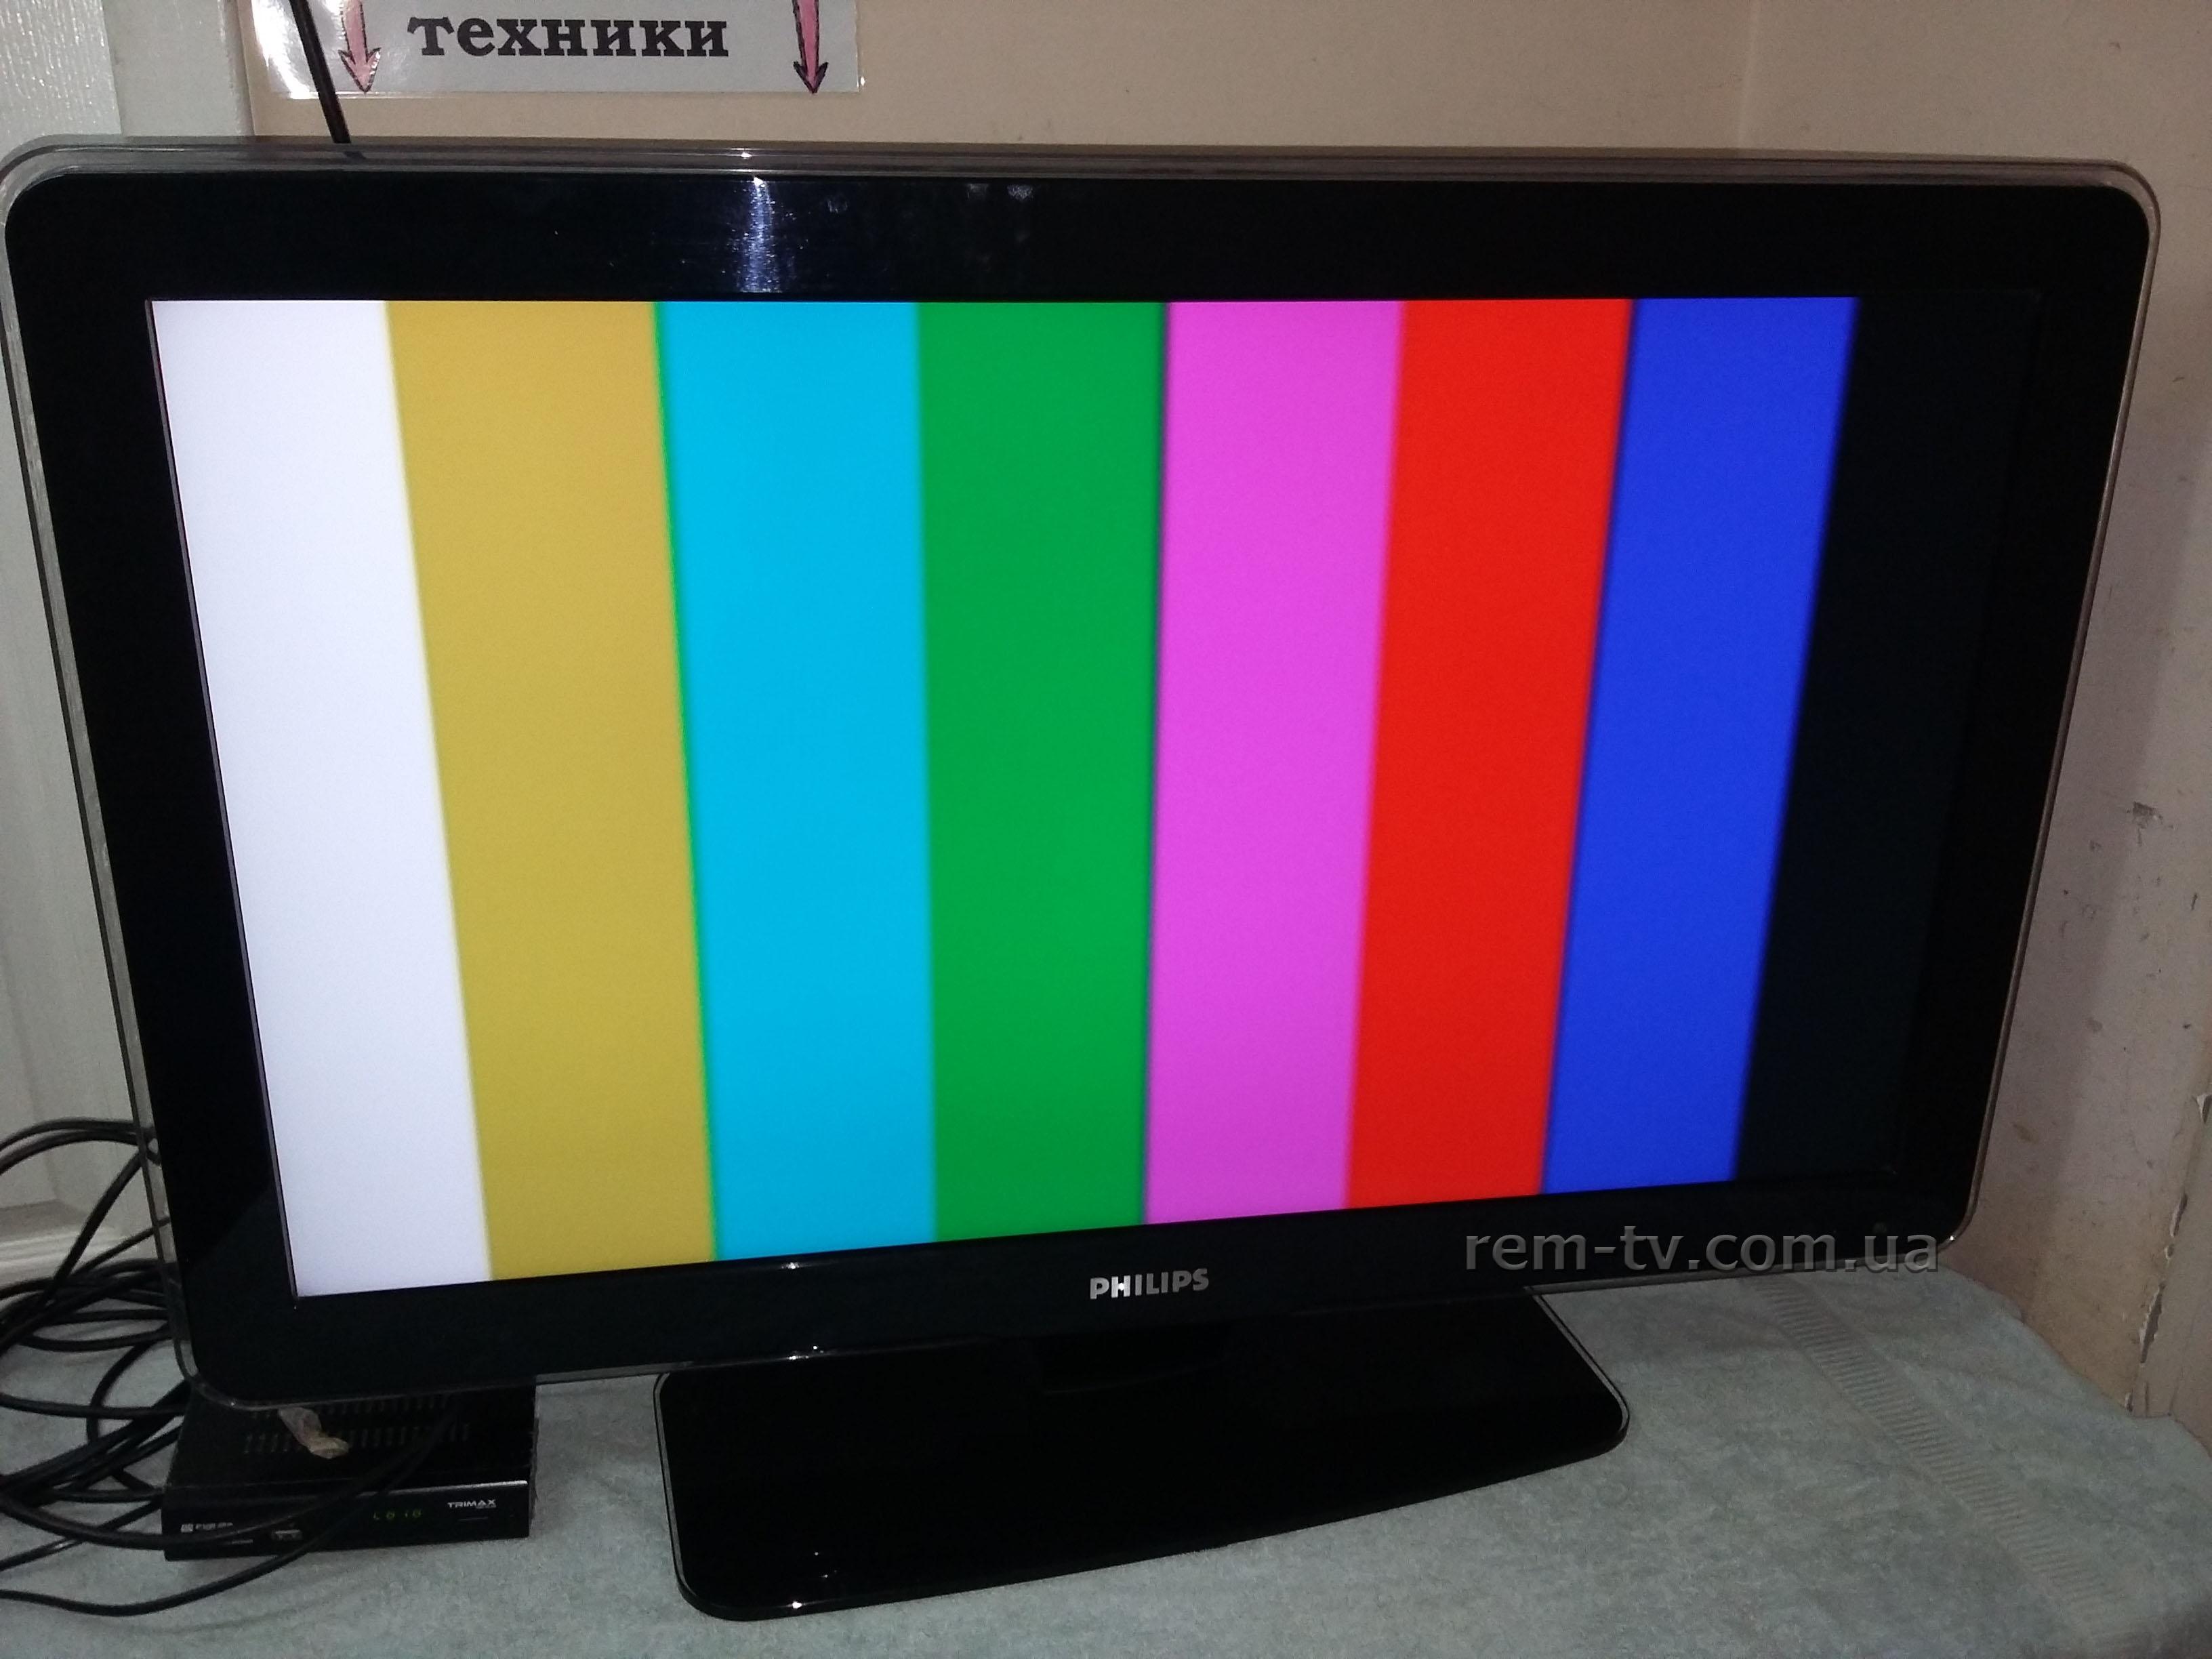 Телевизор Philips после ремонта